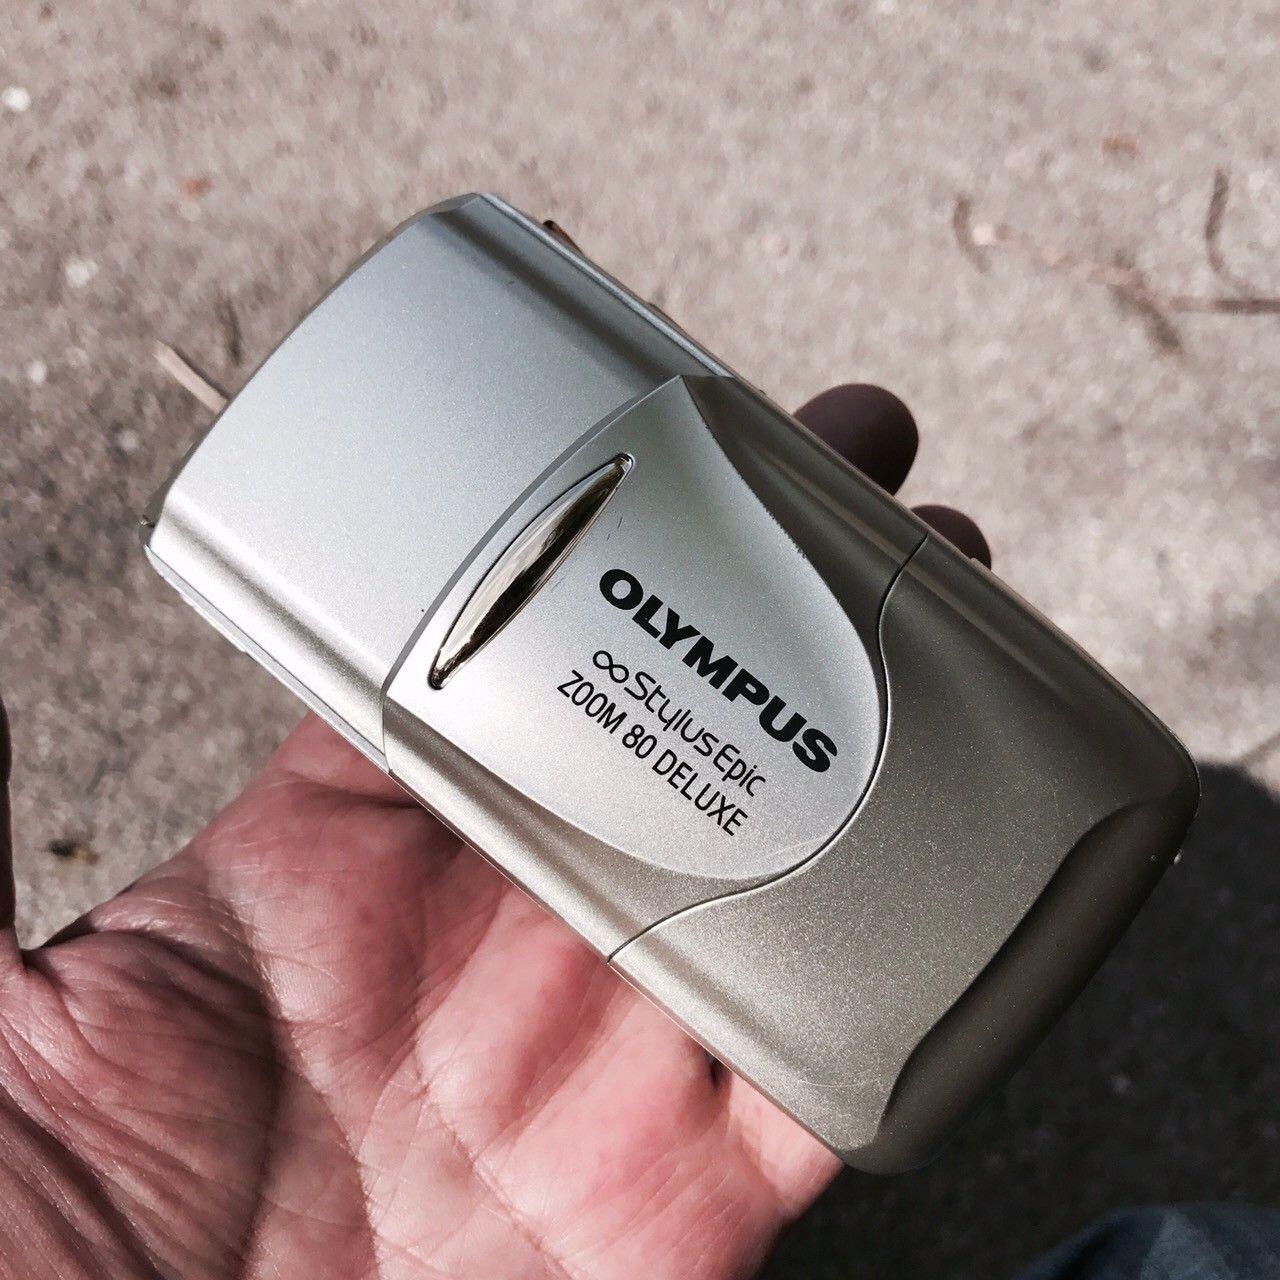 Analog Olympus Stylus - Oslo  - Olympus kamera for film (ikke digital) selges. - Oslo